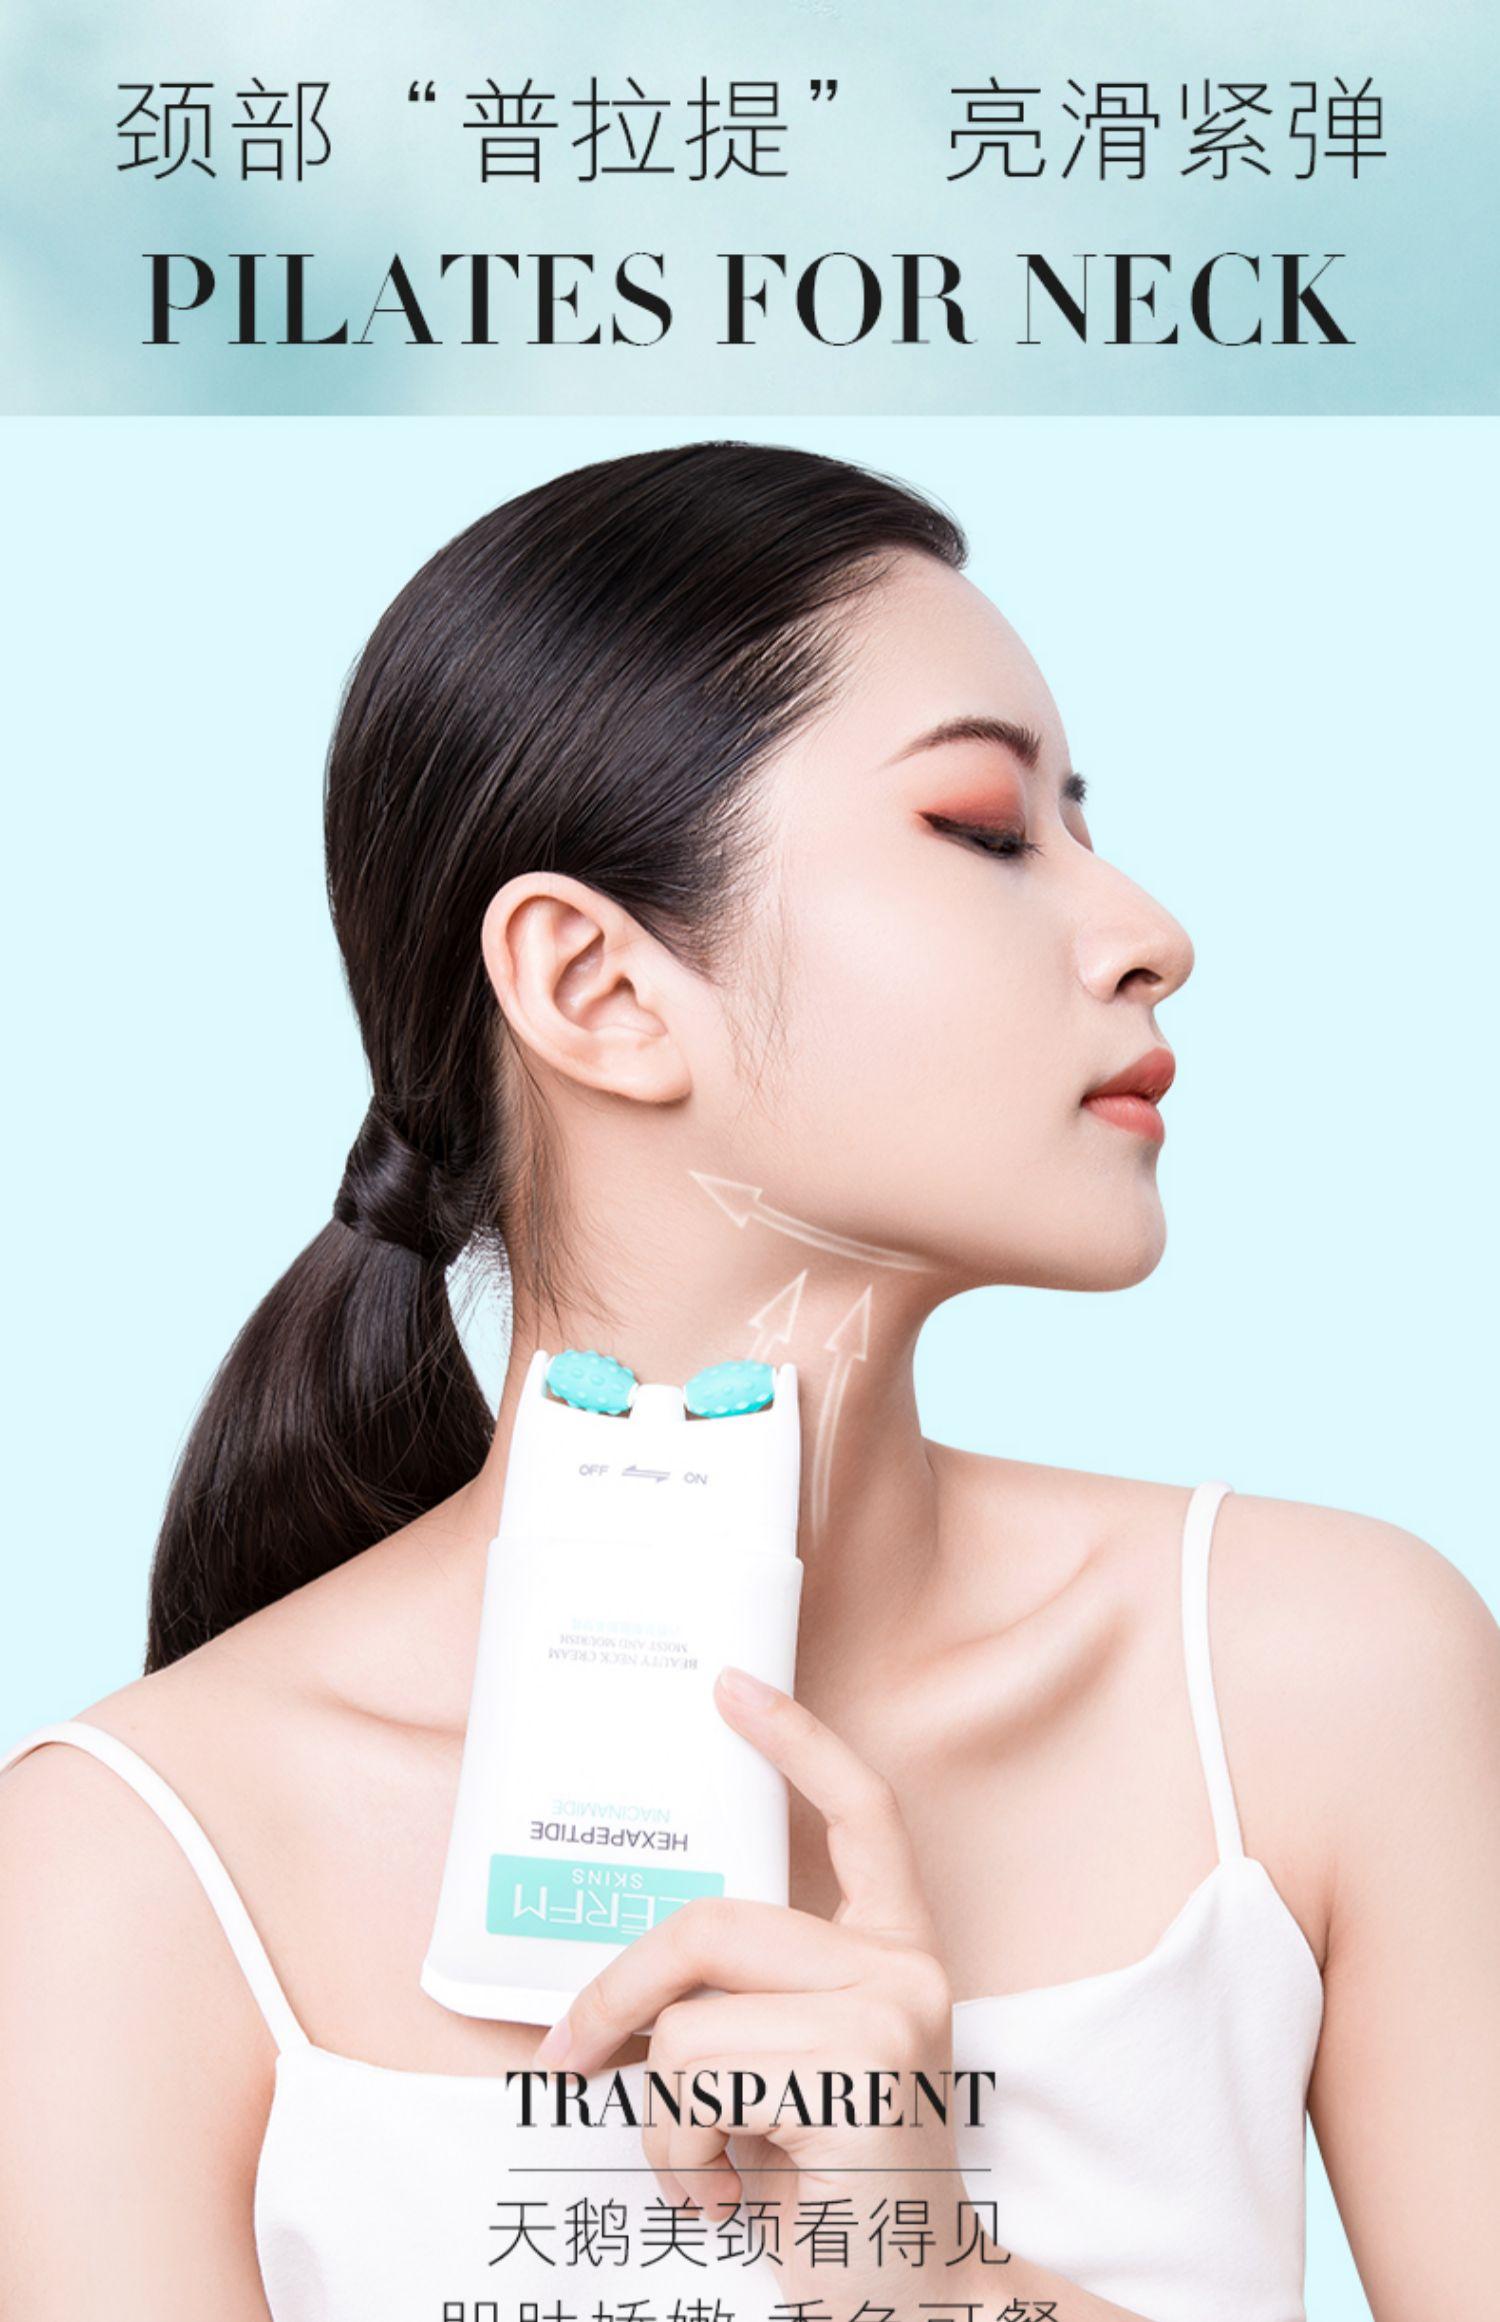 张檬推荐美颈纹淡化脖子六胜肽颈霜